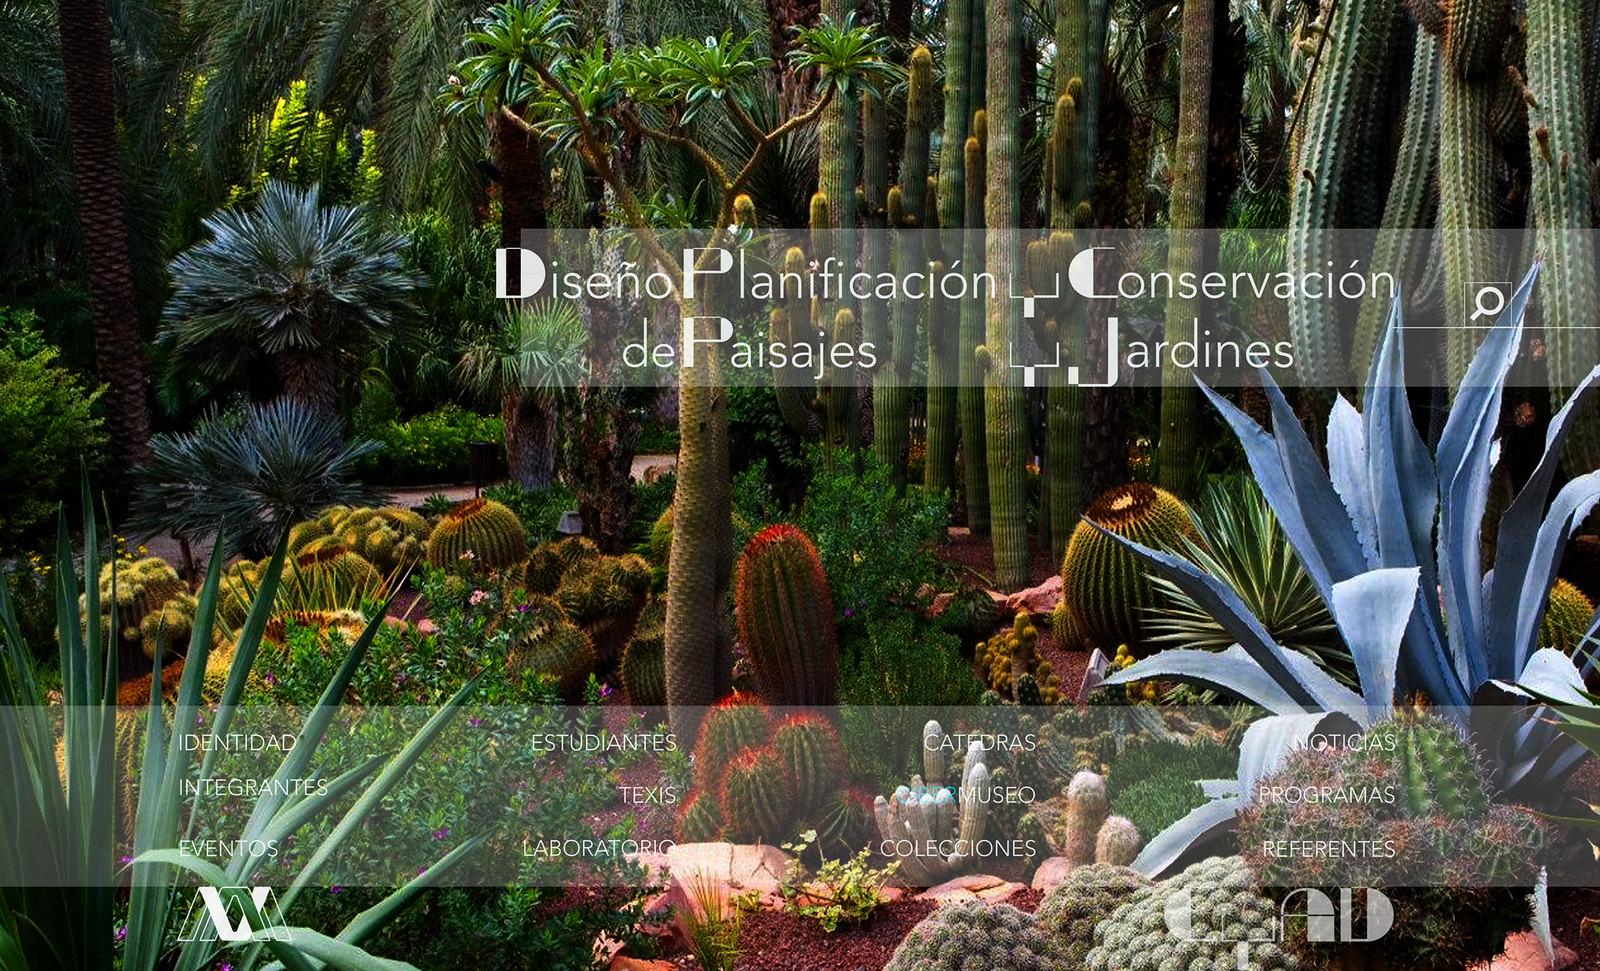 Diseño Planificación conservación de Paisajes y Jardines